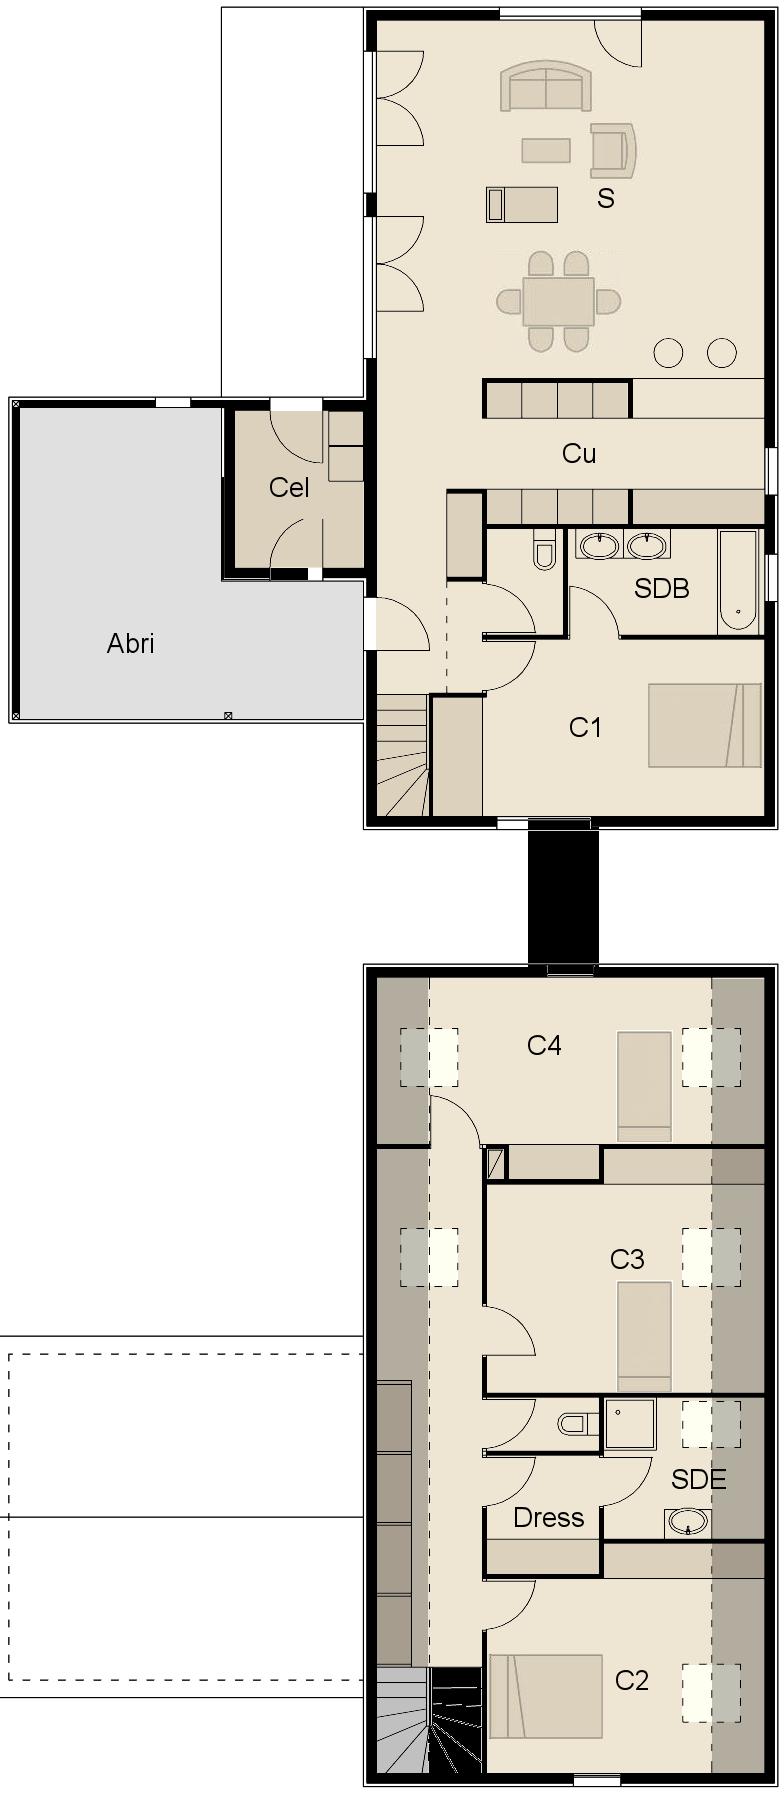 Maison Bois 4 Chambre : Plan façade maison ossature bois avec chambres